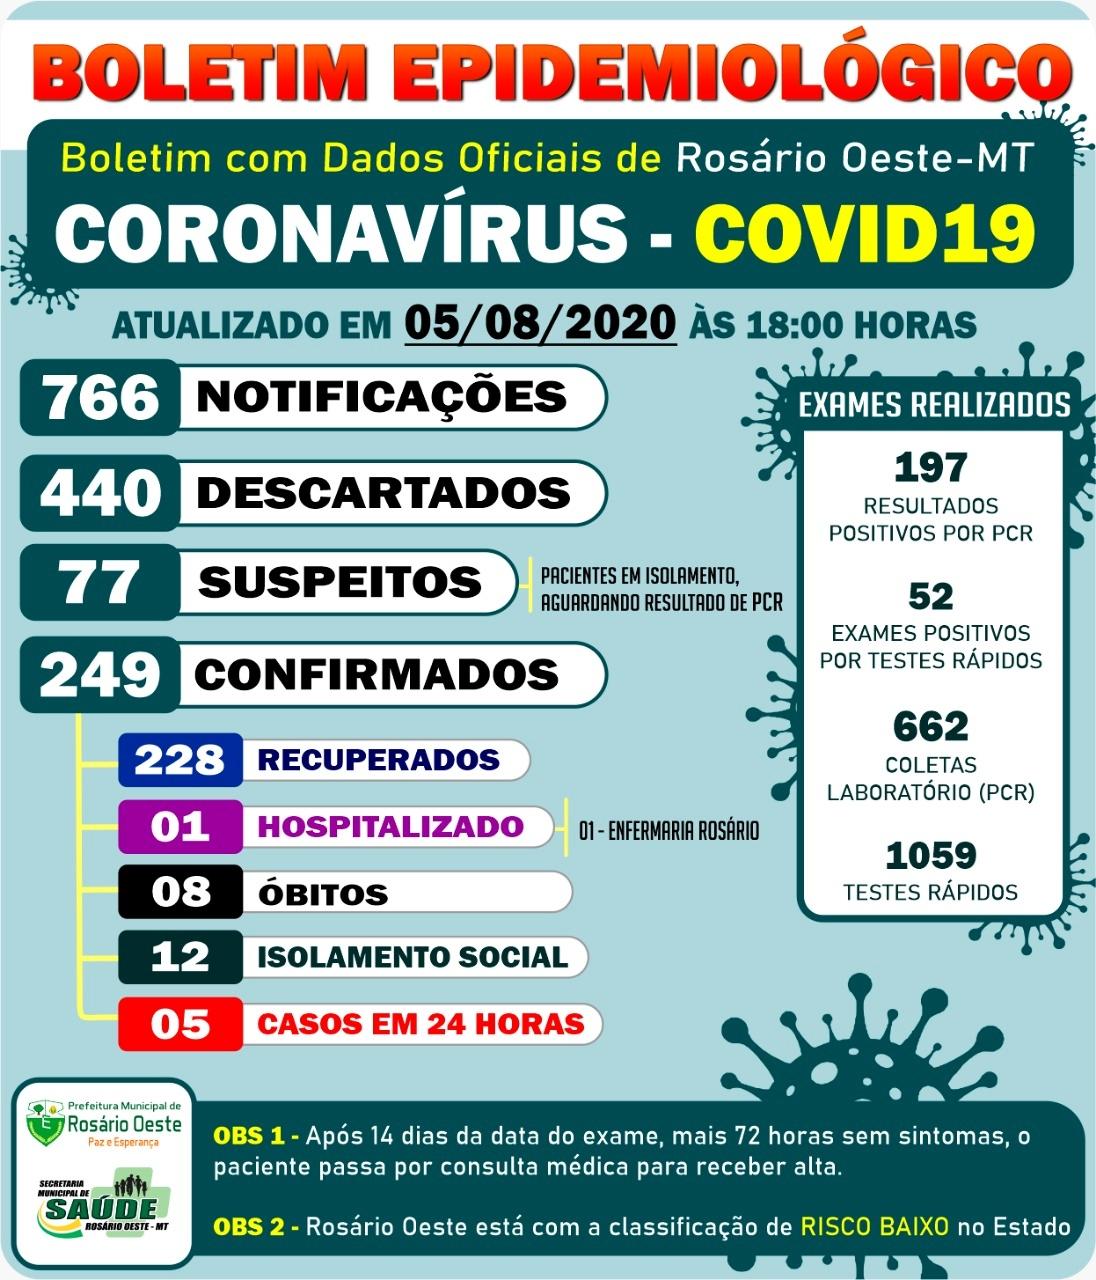 Rosário Oeste teve 5  casos de Covid-19 nas últimas 24 horas